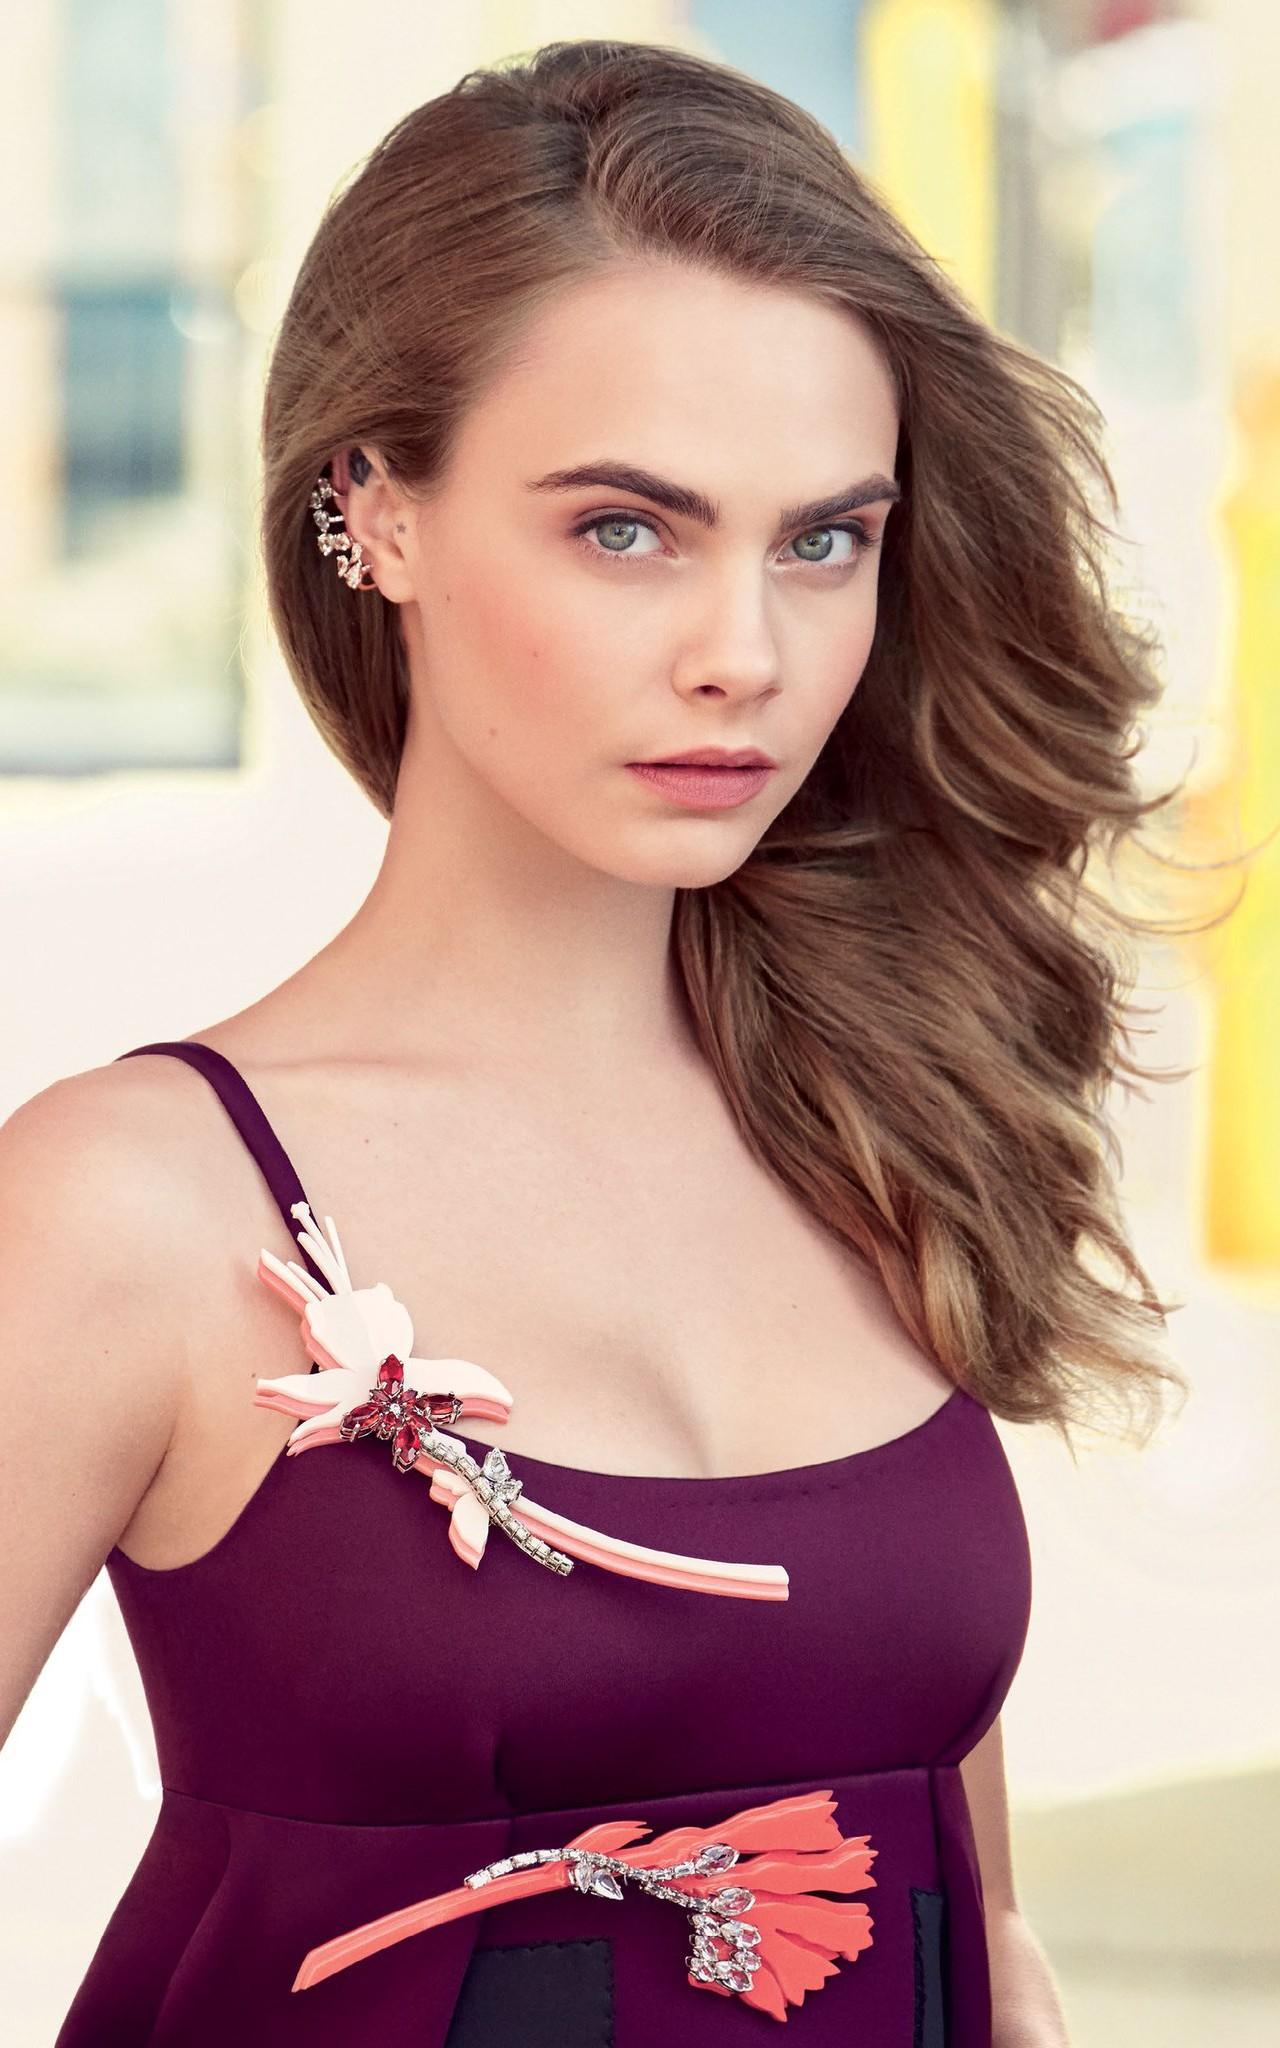 Wallpaper Women Model Long Hair Cara Delevingne Brunette